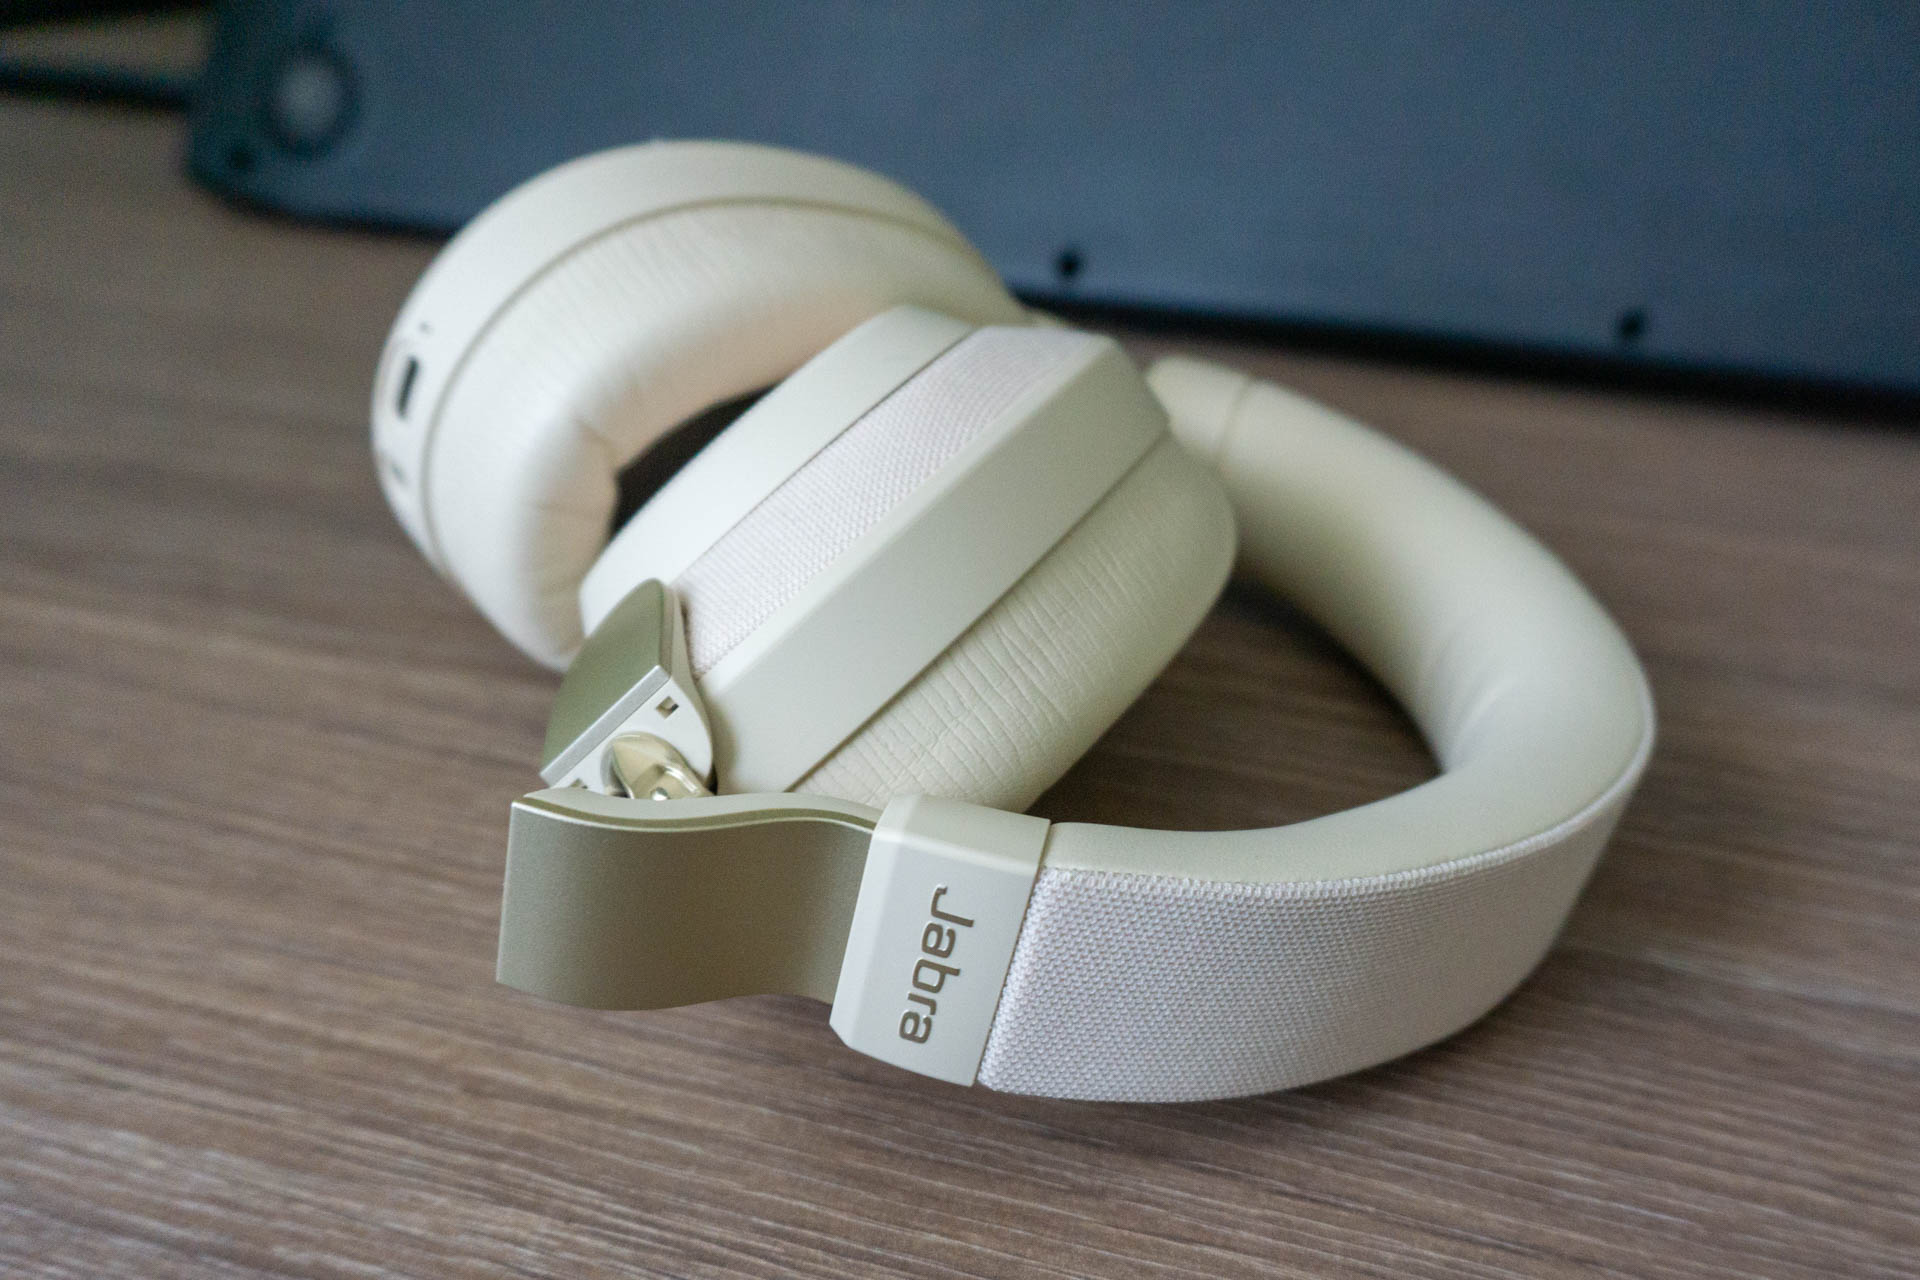 Słuchawki Jabra Elite 85h - tylko dla biznesmenów? (recenzja) 25